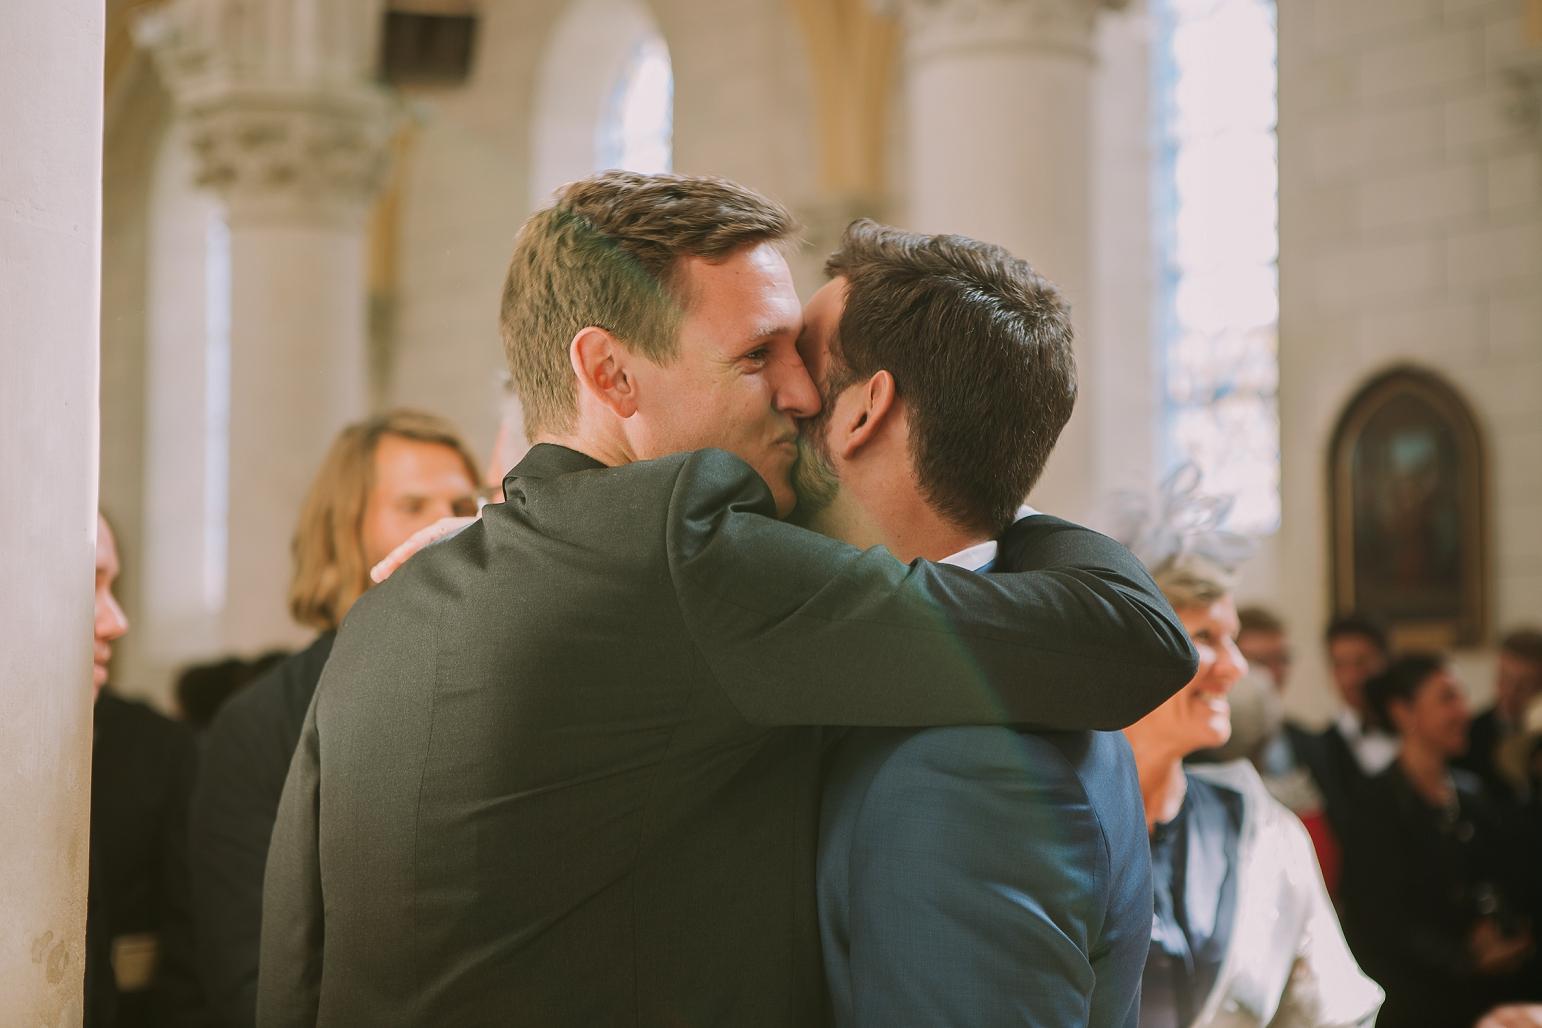 kateryna-photos-mariage-wedding-france-bretagne-pays-de-la-loire-chateau-de-la-colaissiere-st-sauveur-de-landemont_0039.jpg